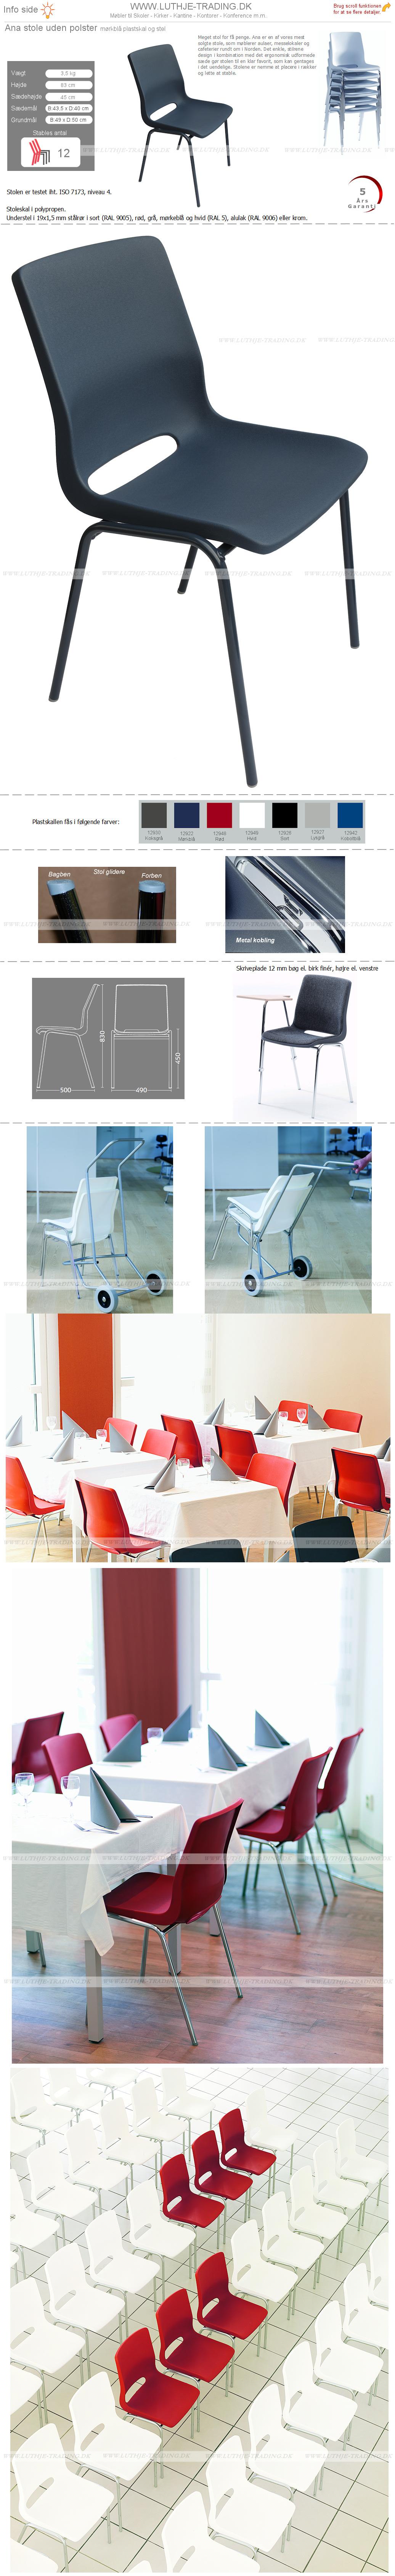 Ana stol med mørkblå plastskal og med mørkblå stel. Stables op til 12 stk. Der fås en vogn til Ana stole. Vi giver gerne det bedste tilbud på en Ana stol.